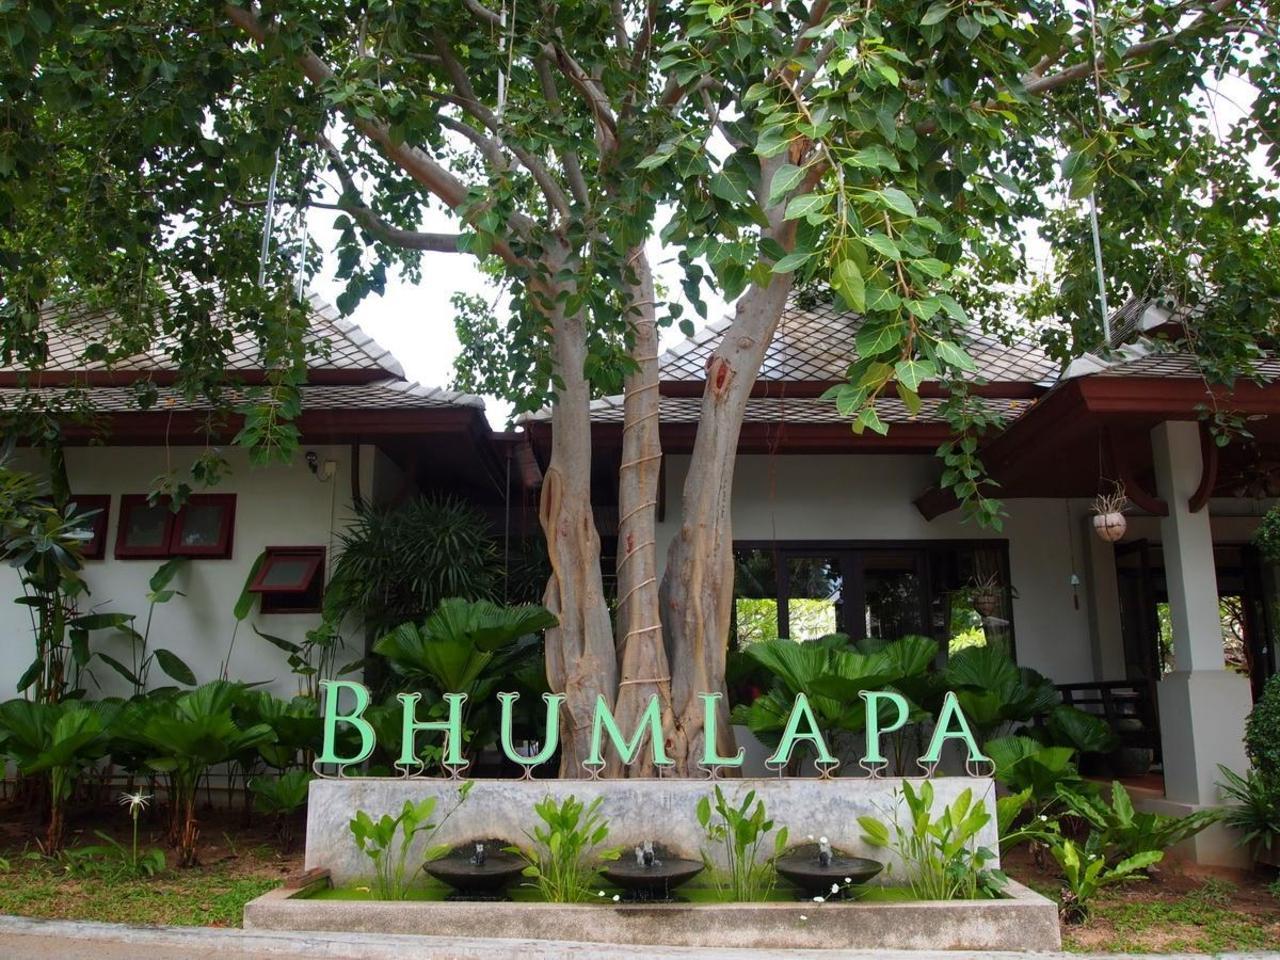 ภูมิลาภา การ์เด้น รีสอร์ท (Bhumlapa Garden Resort)